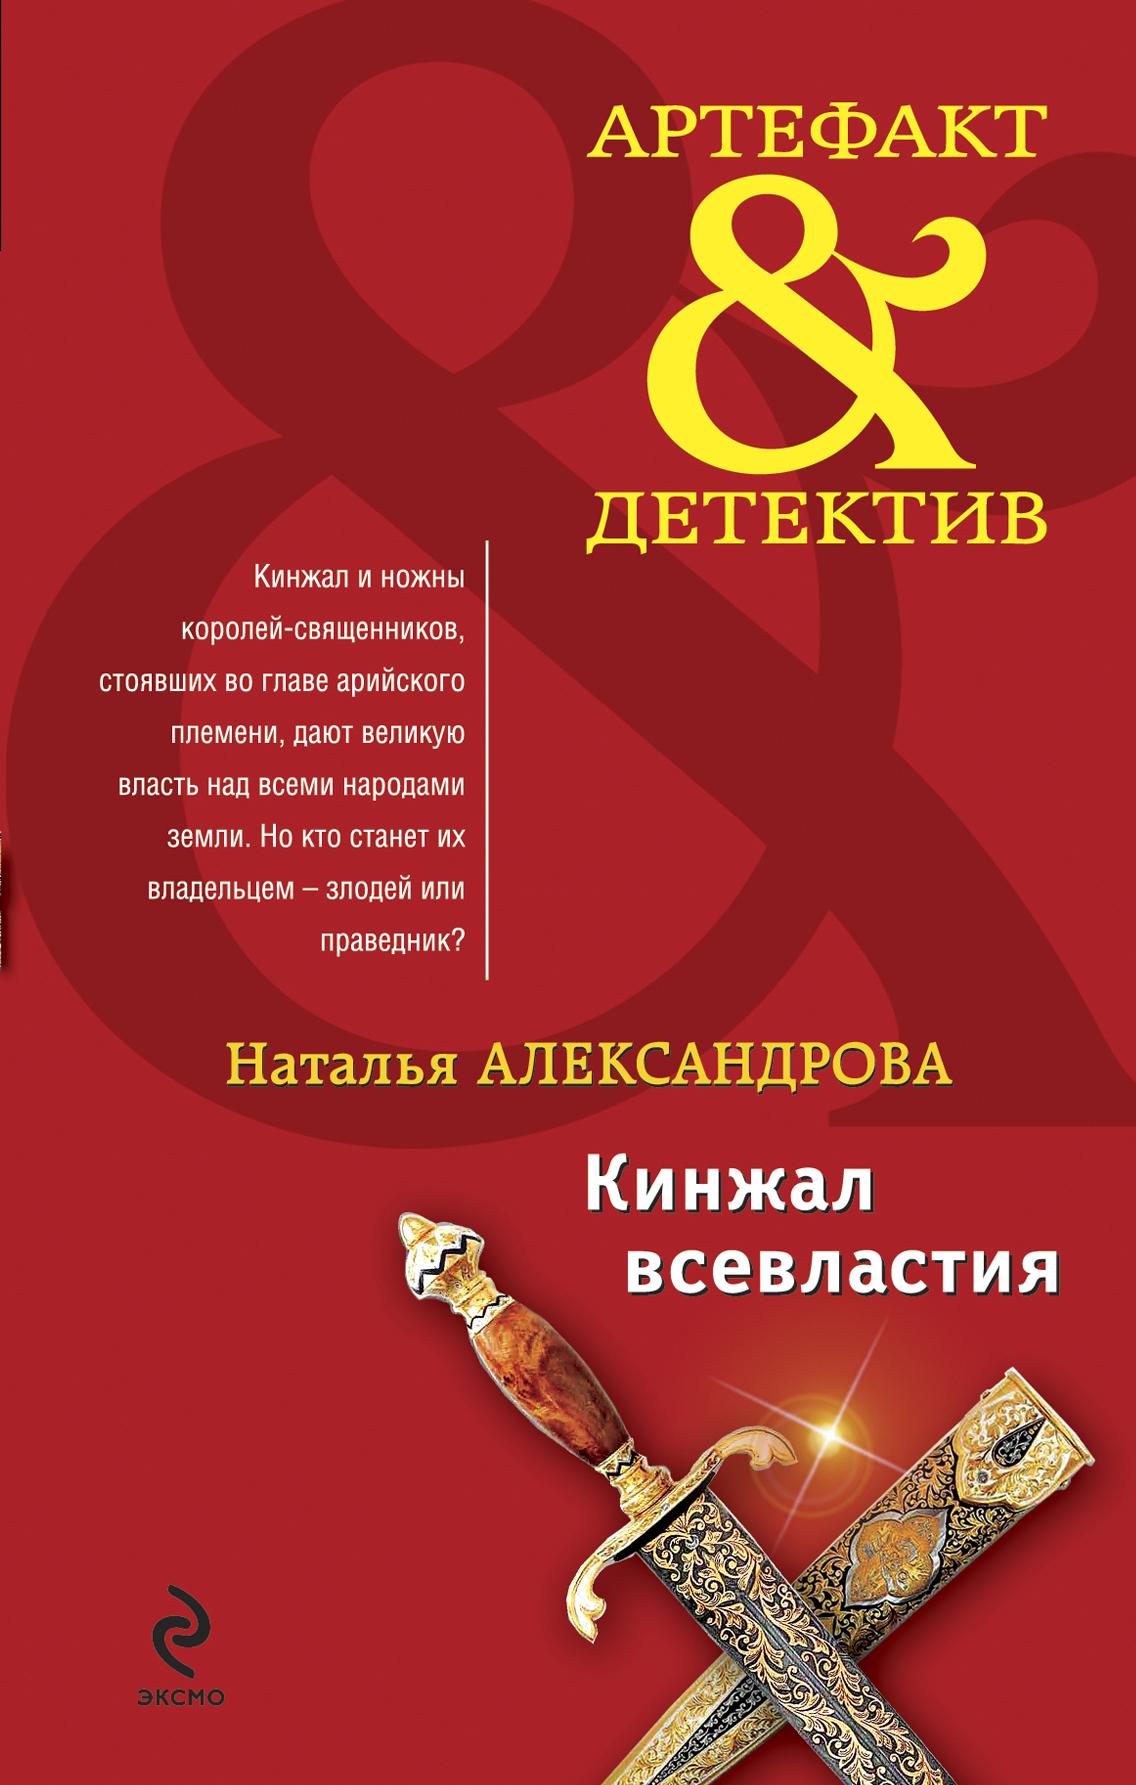 НАТАЛЬЯ АЛЕКСАНДРОВА АРТЕФАКТ-ДЕТЕКТИВ СКАЧАТЬ БЕСПЛАТНО